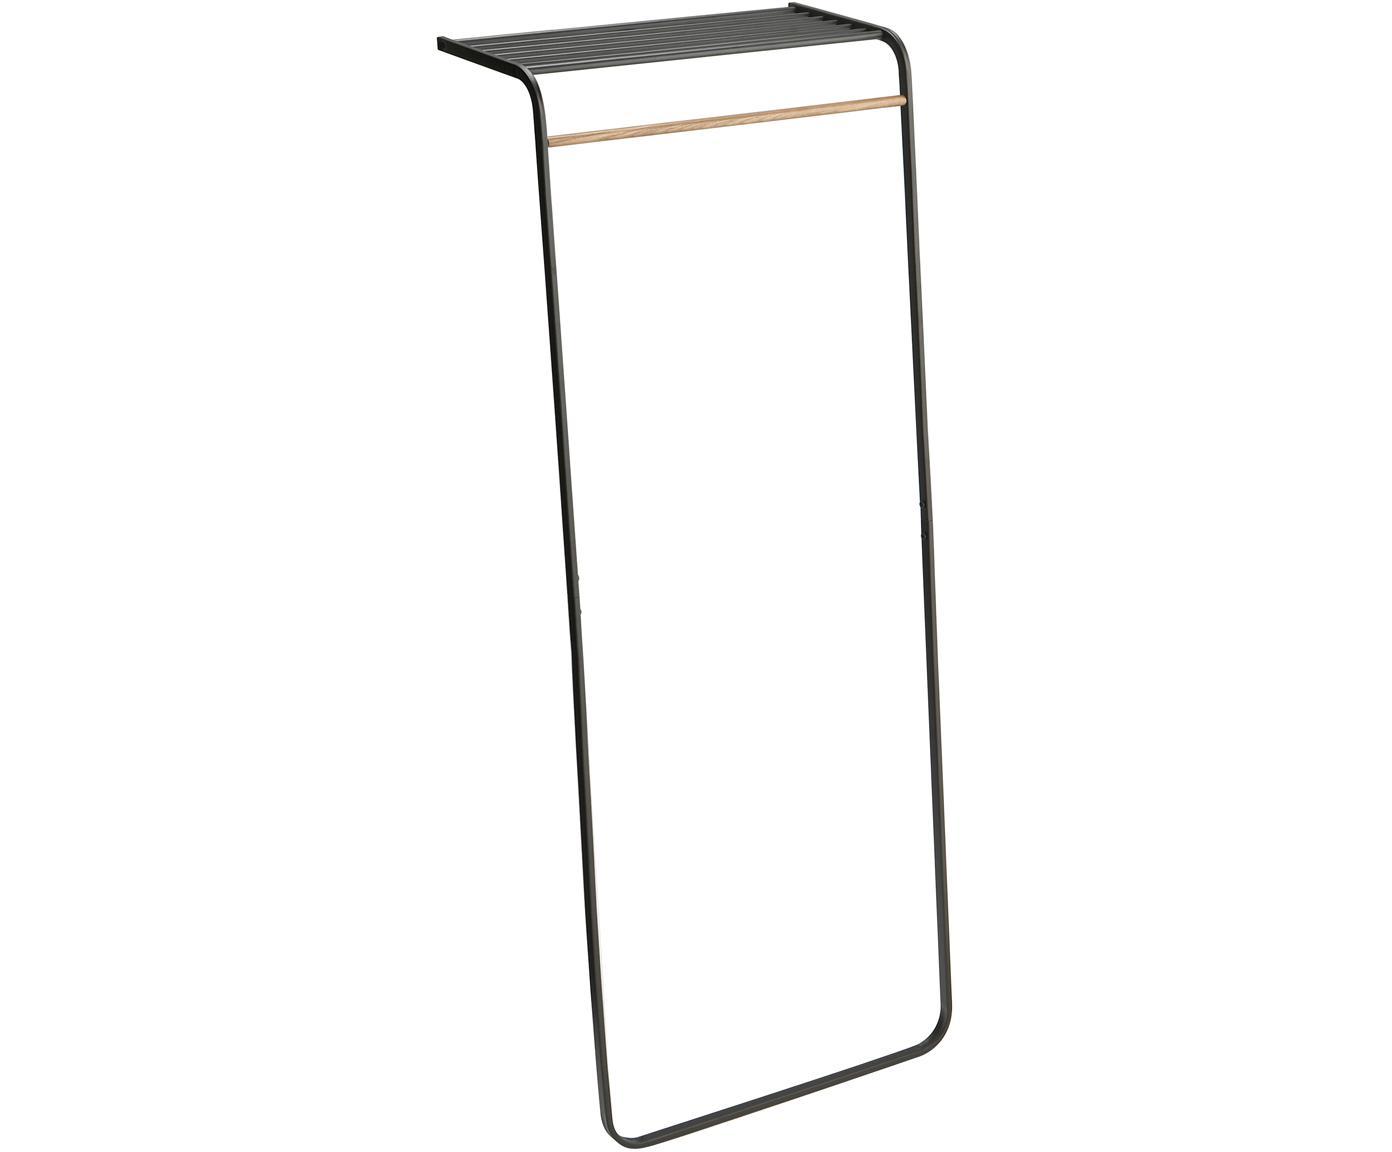 Wand-Kleiderständer Tower aus Metall, Metall, beschichtet Holz, naturbelassen, Schwarz, Holz, 60 x 160 cm